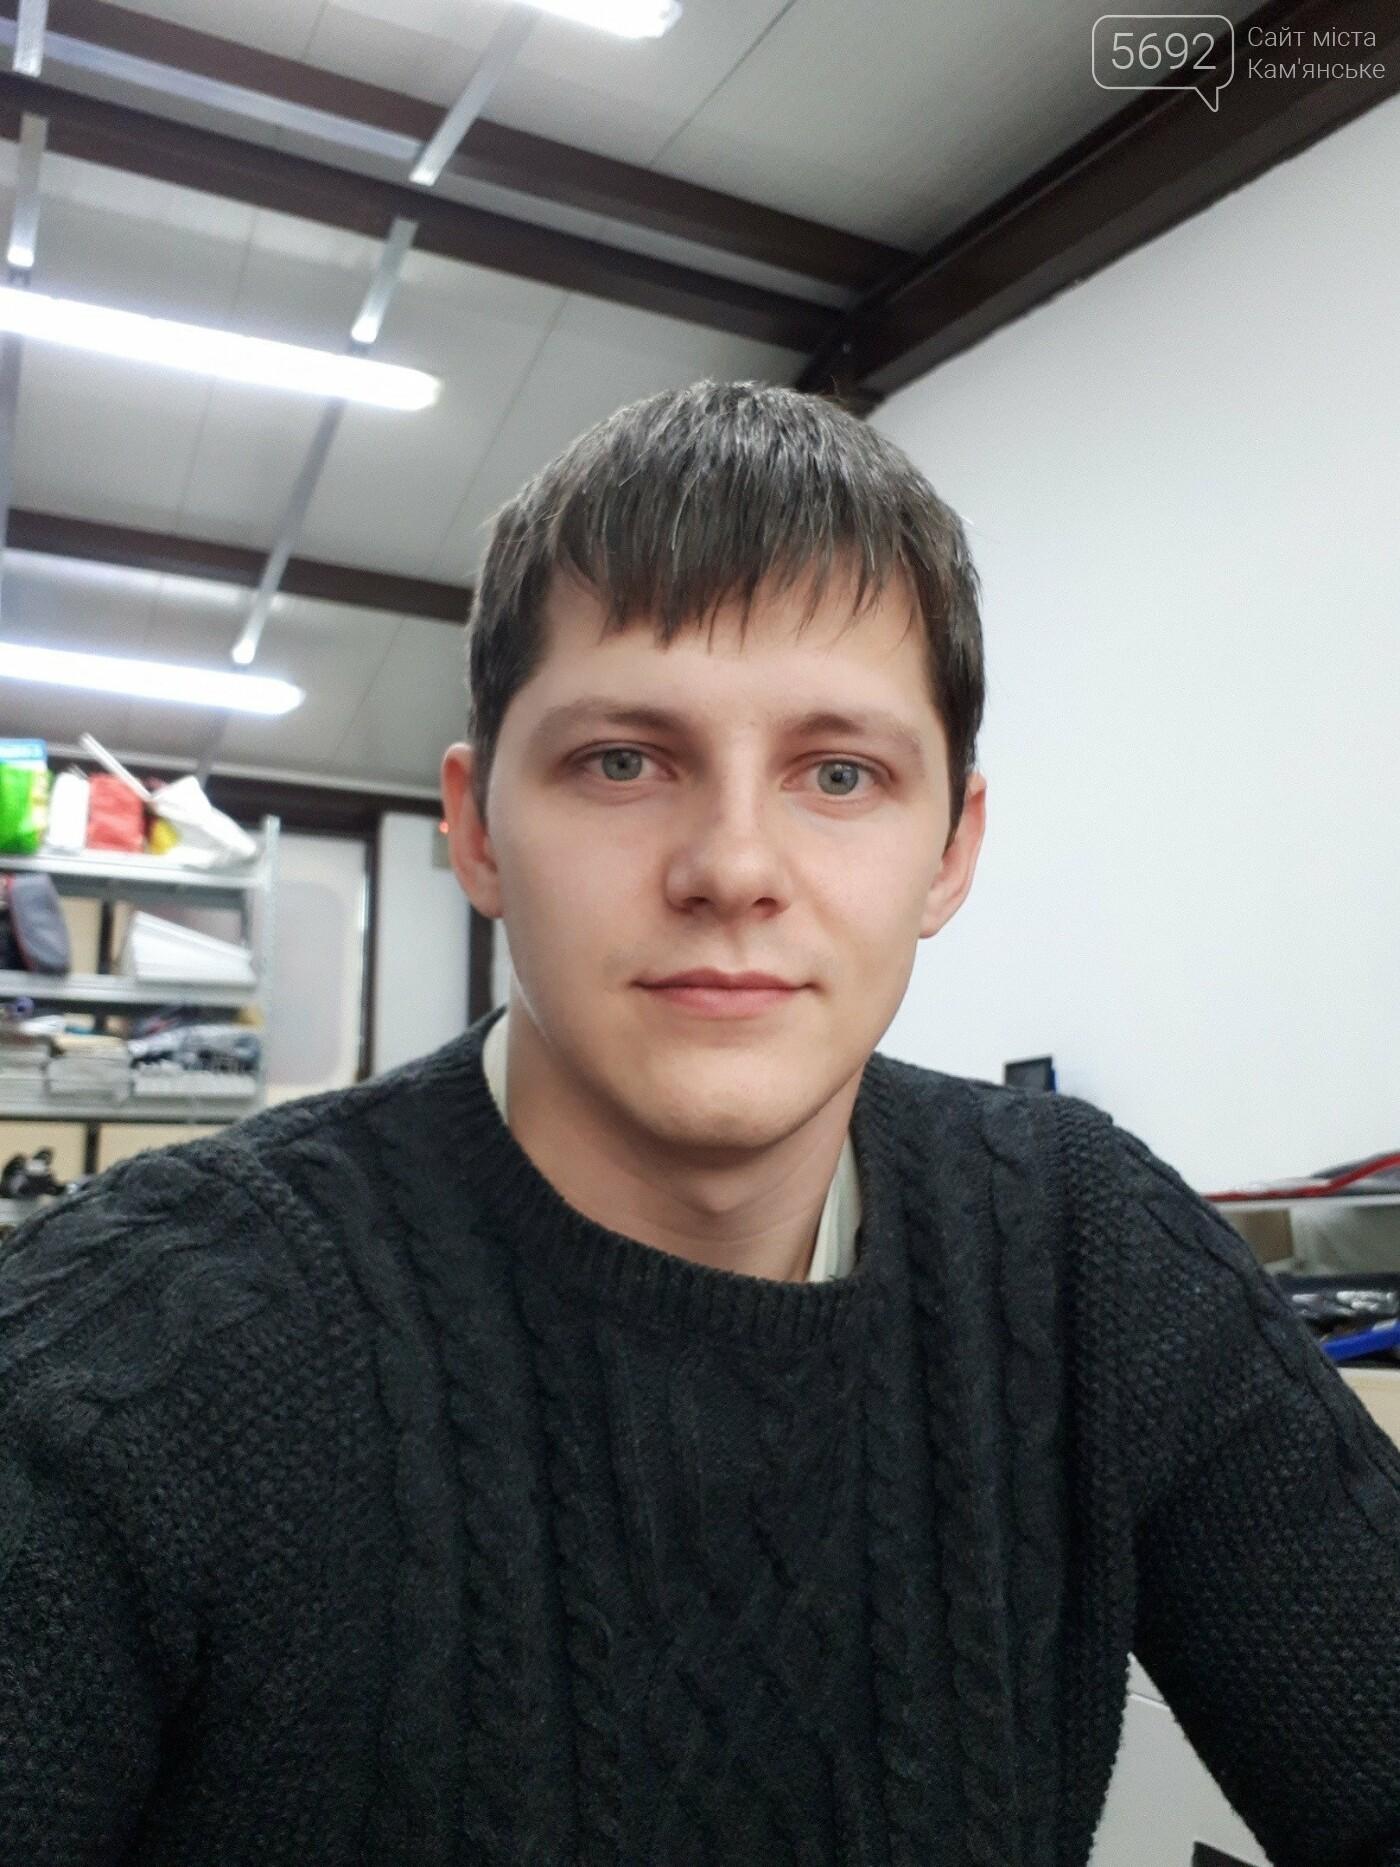 Проезд в маршрутках Каменского: соответствует ли цена качеству?, фото-5